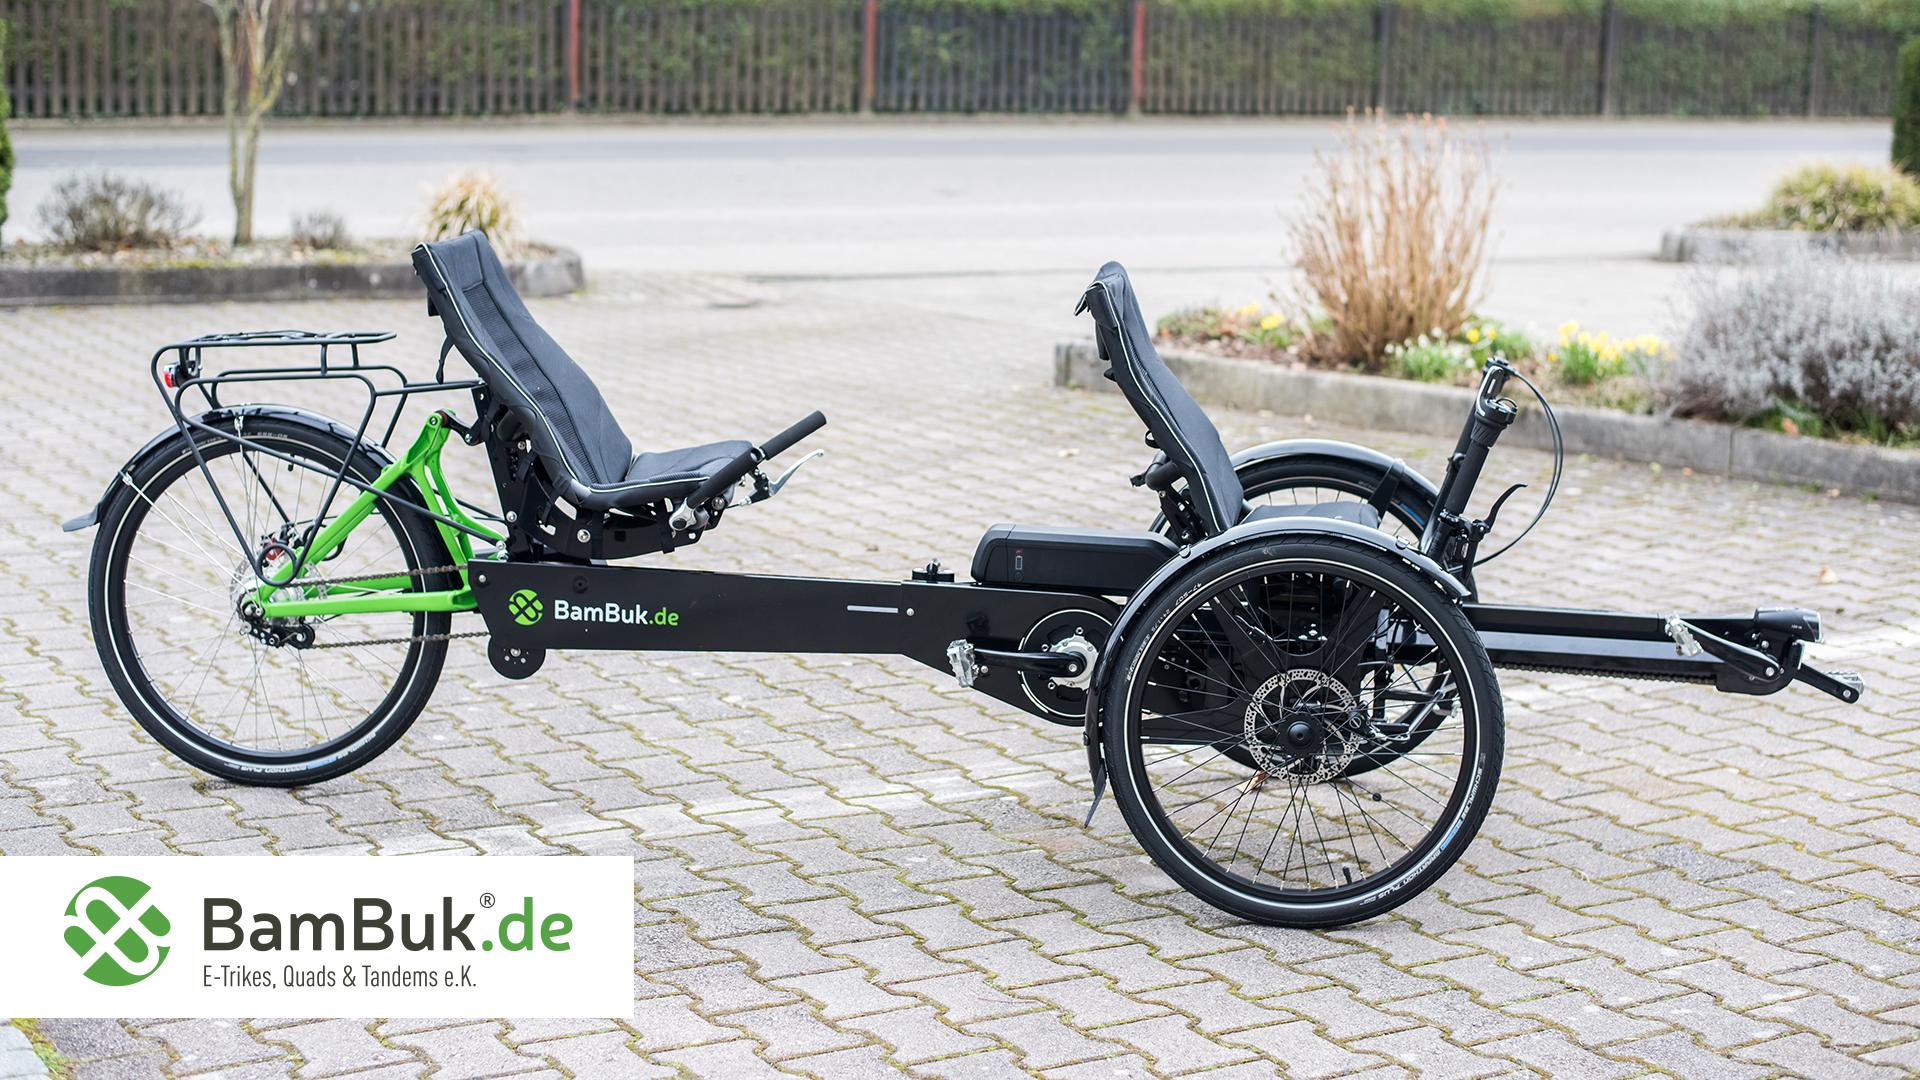 BamBuk E-Trikes, Quads & Tandems e.K.